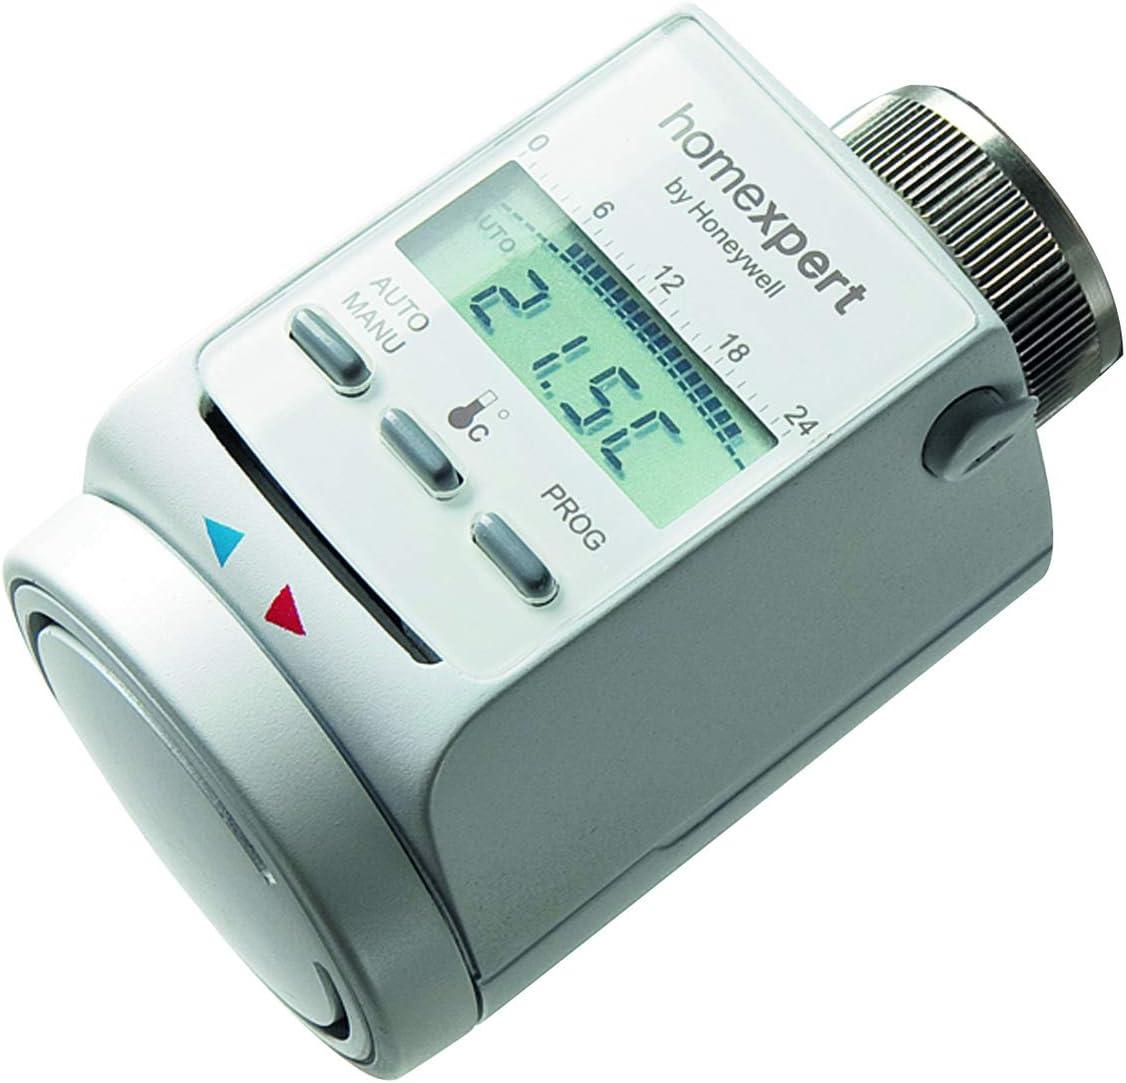 Honeywell Home Termostato electrónico de radiador con programa semanal, HR20-SE